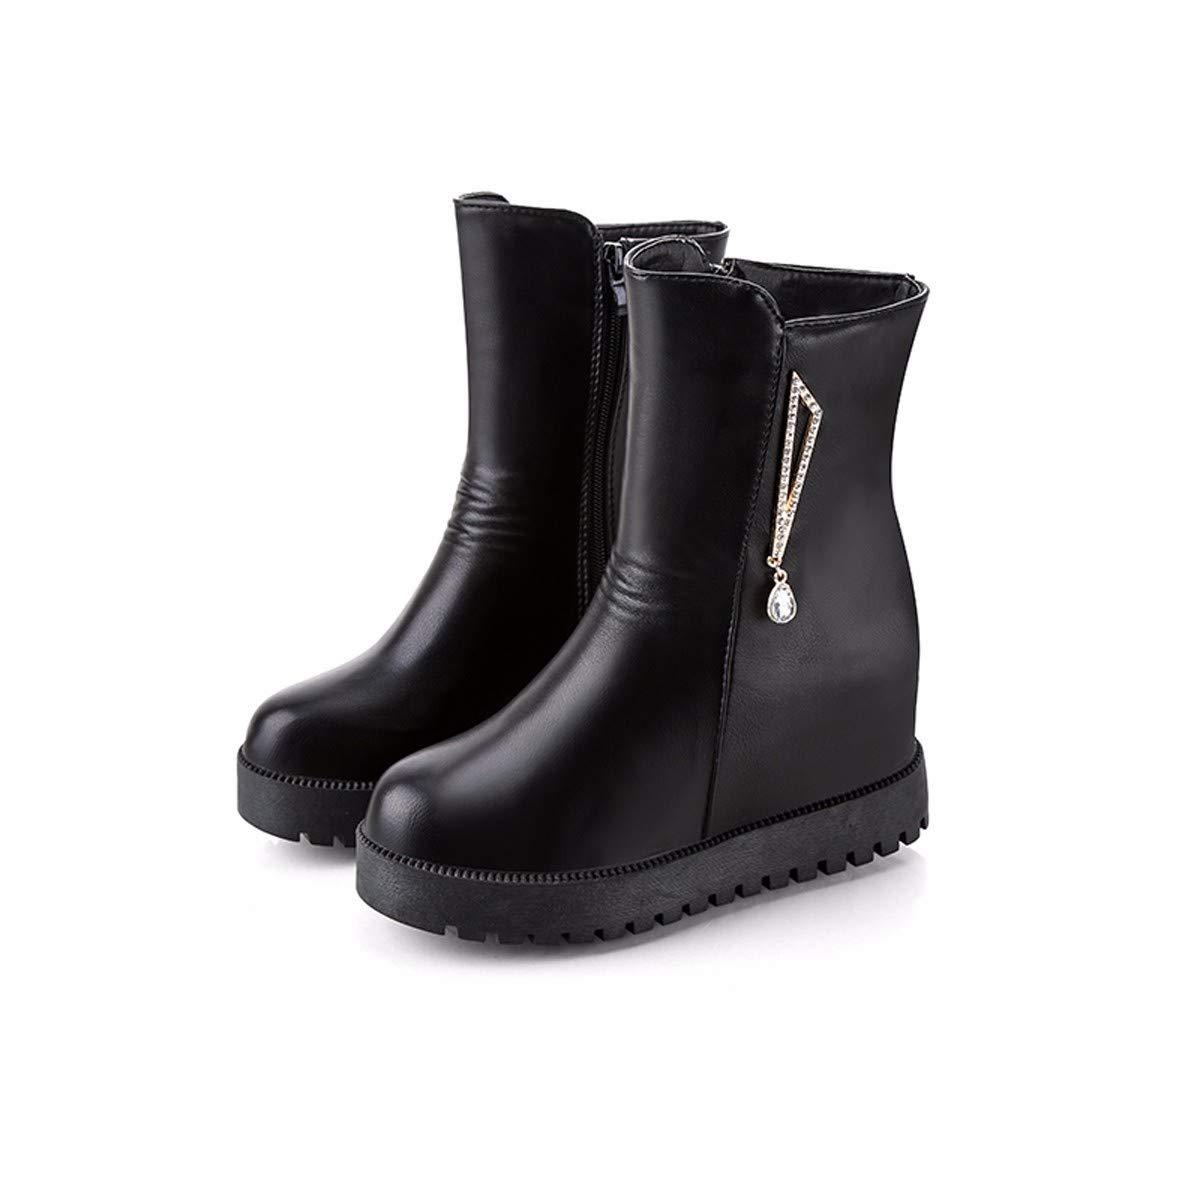 KPHY Damenschuhe Dicke Hintern Innere Größe Heel 7 cm Kurze Stiefel Steigung Ferse Samt 100 Sätze Slim Martin Stiefel